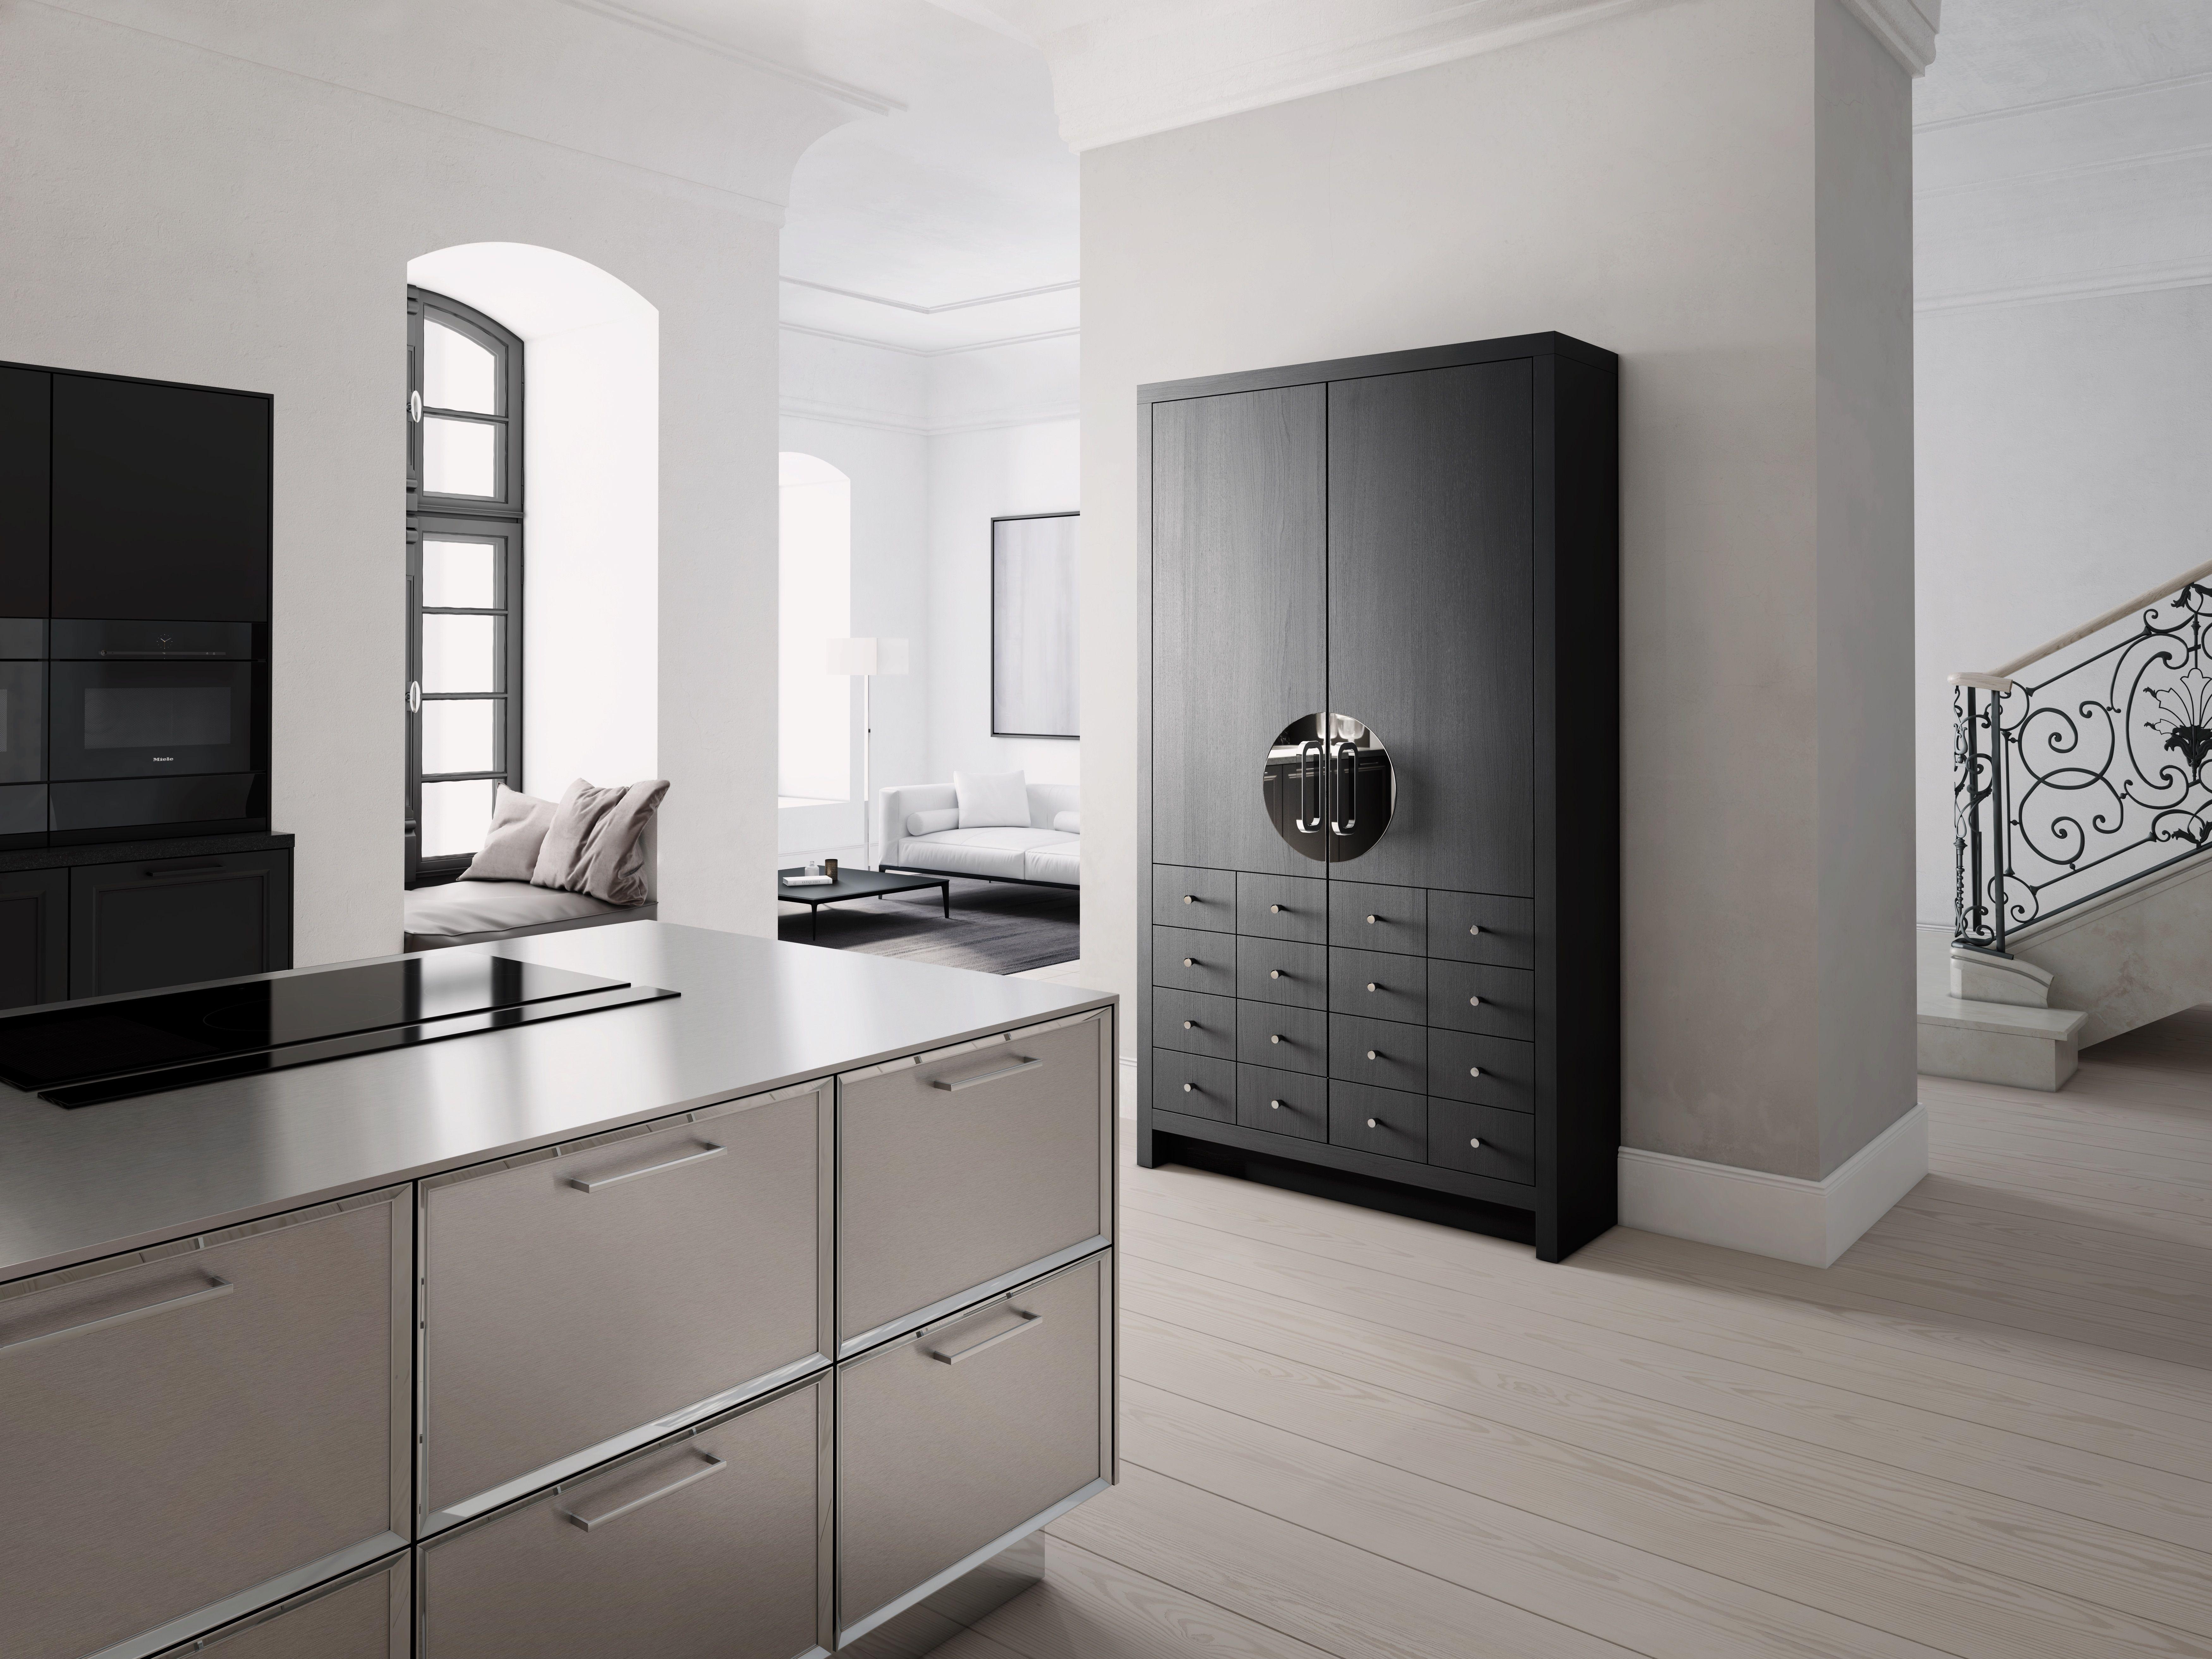 Classic Kitchen In 2020 Luxus Kuche Design Luxuskuchen Kuchen Ideen